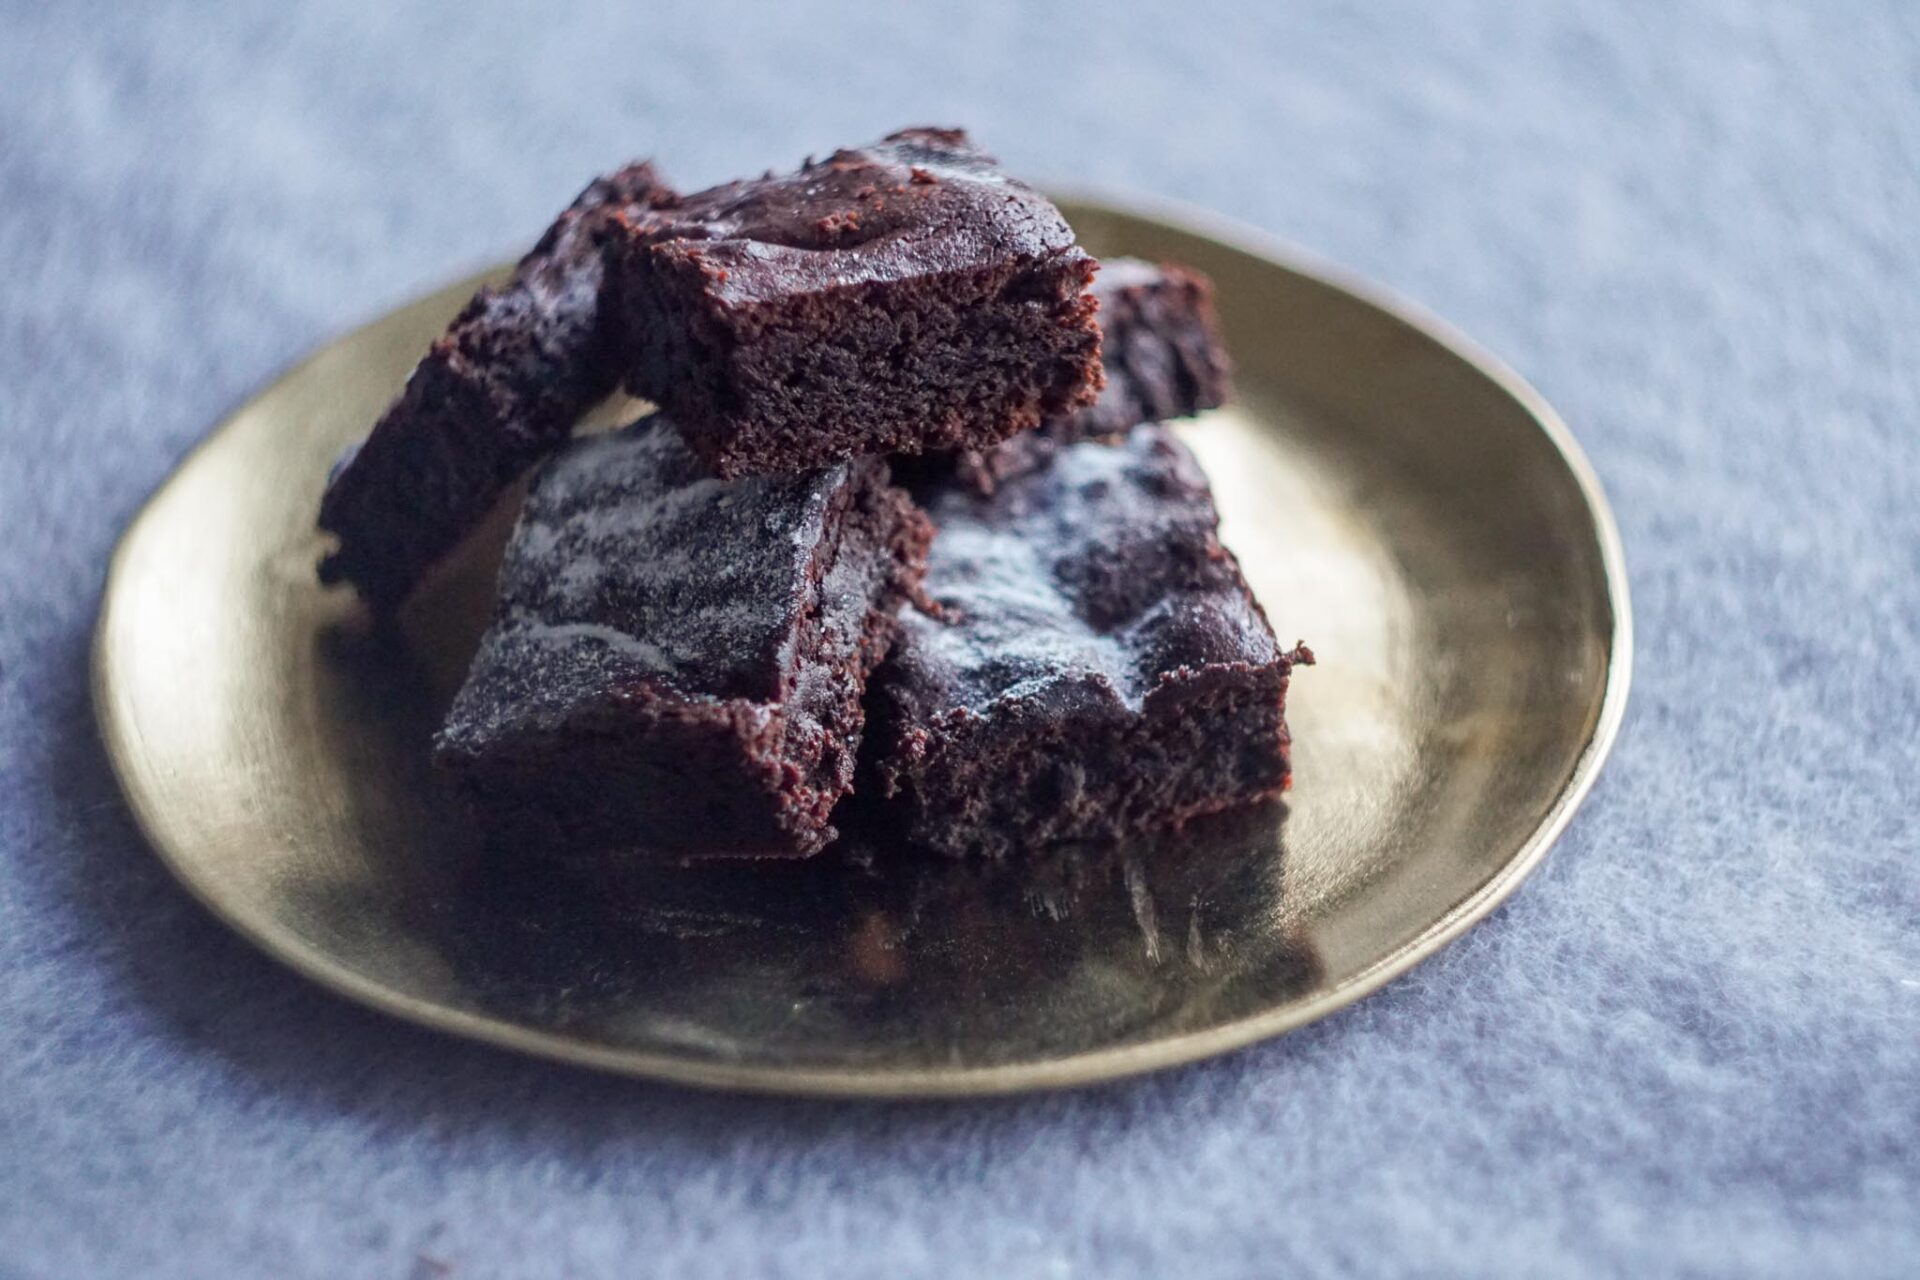 Zùsto Brownies